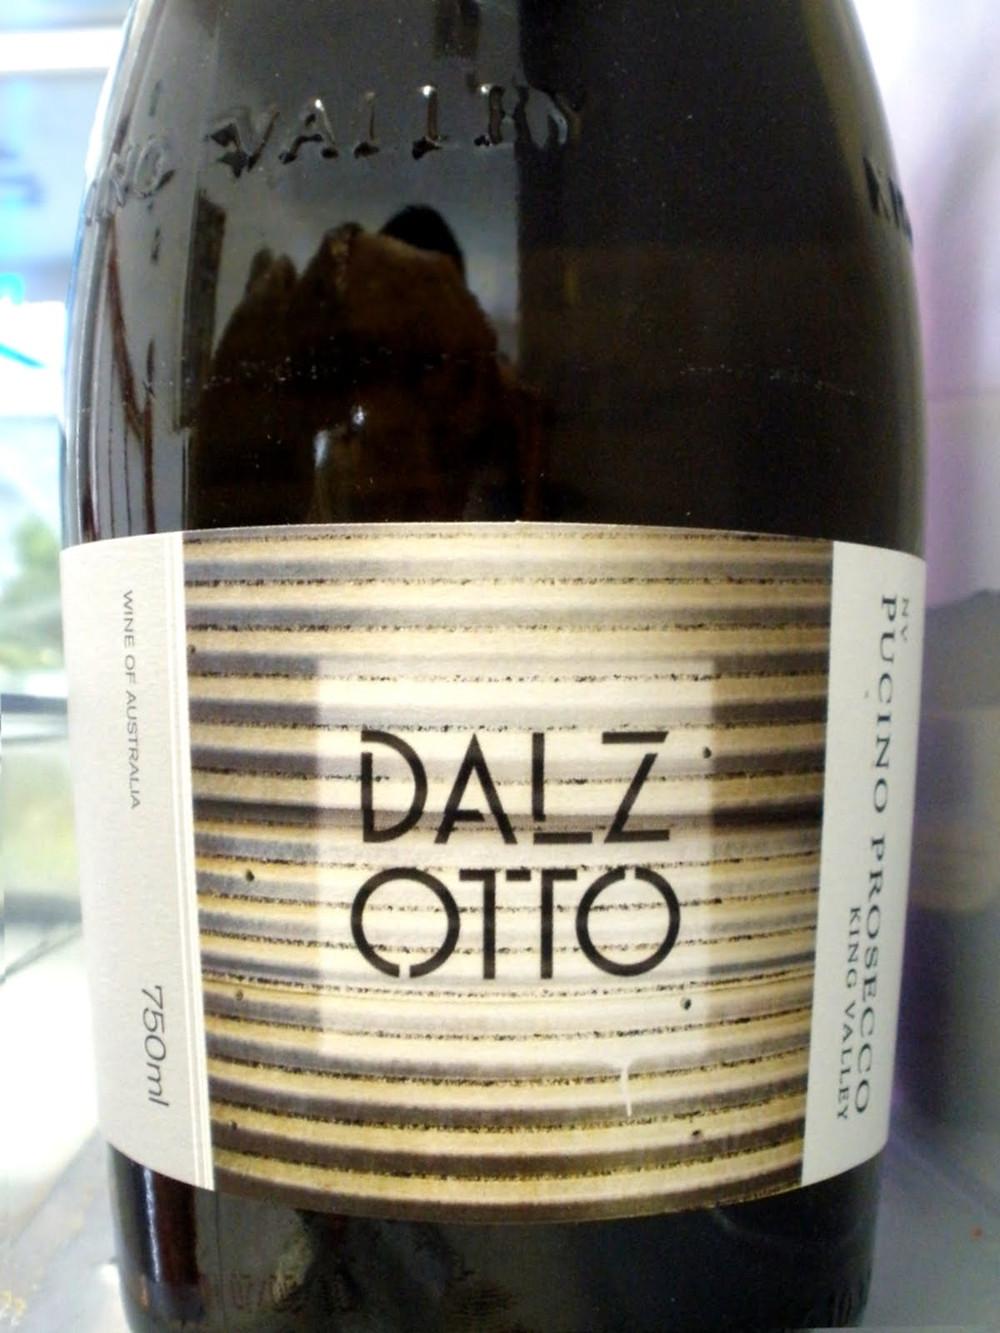 Dal Zotto Wines, che nel 1999 impiantò le prime vigne a Prosecco